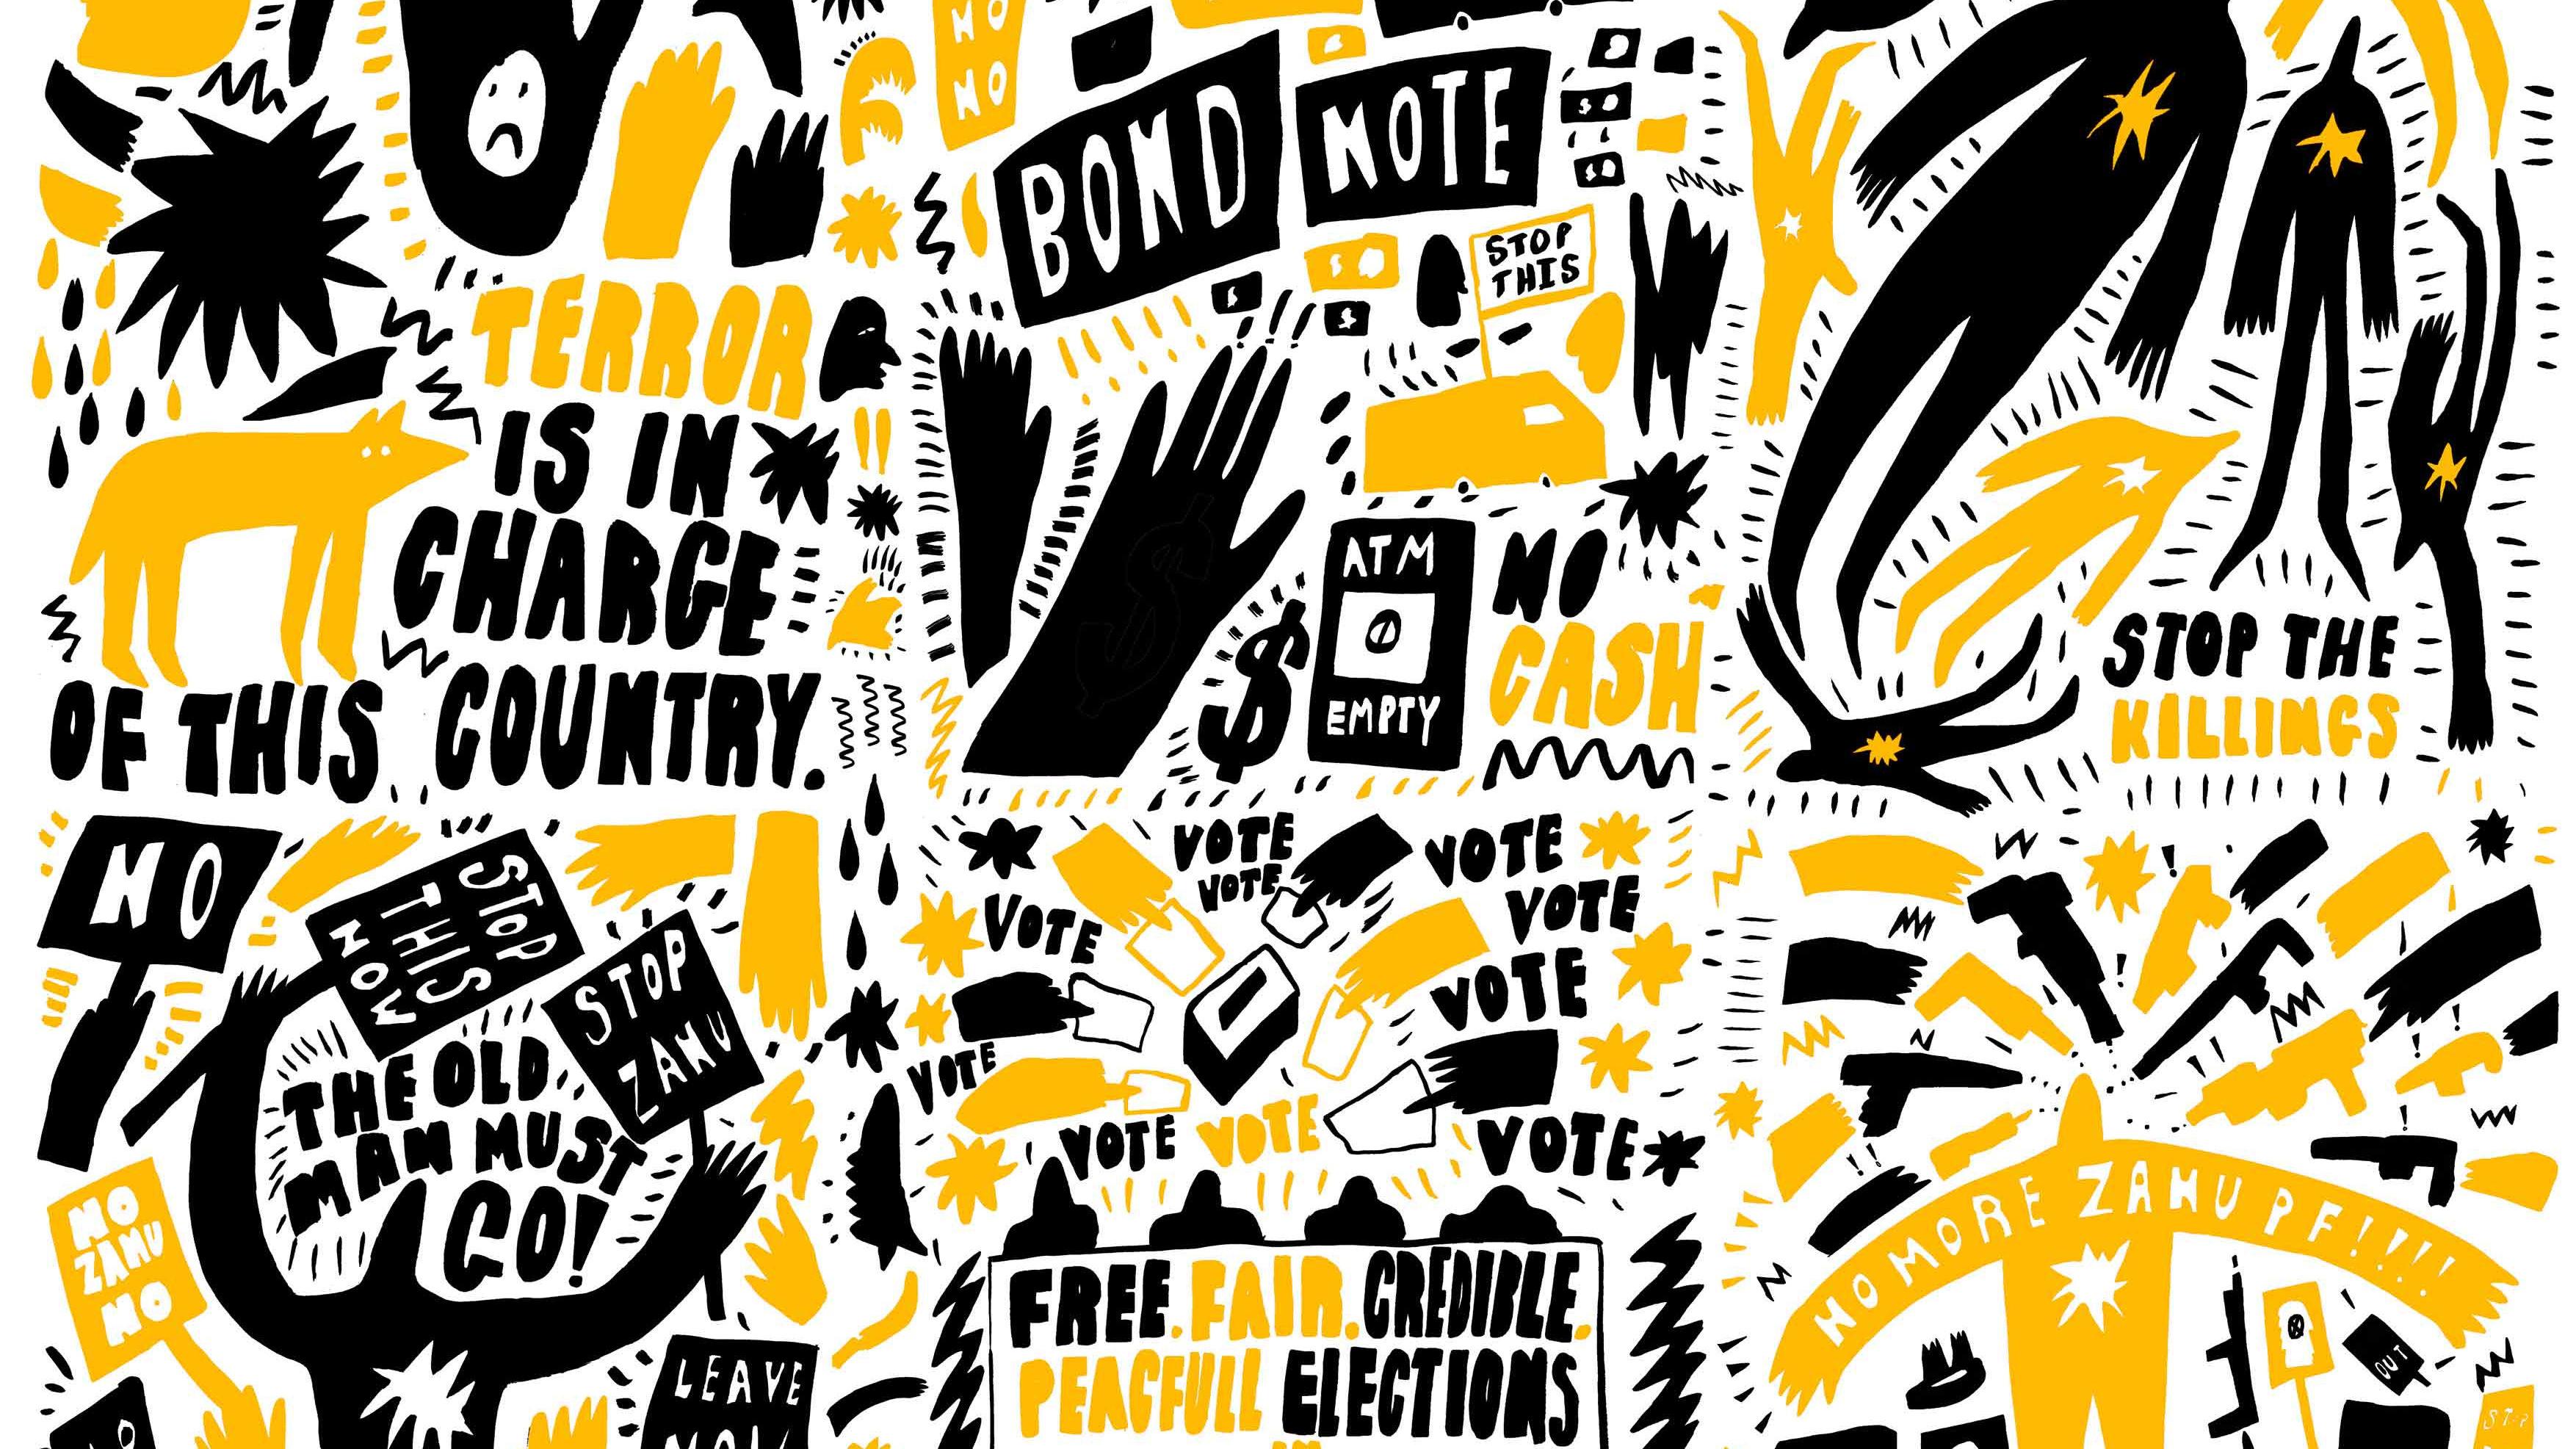 Graphic design by Yolande Mutale